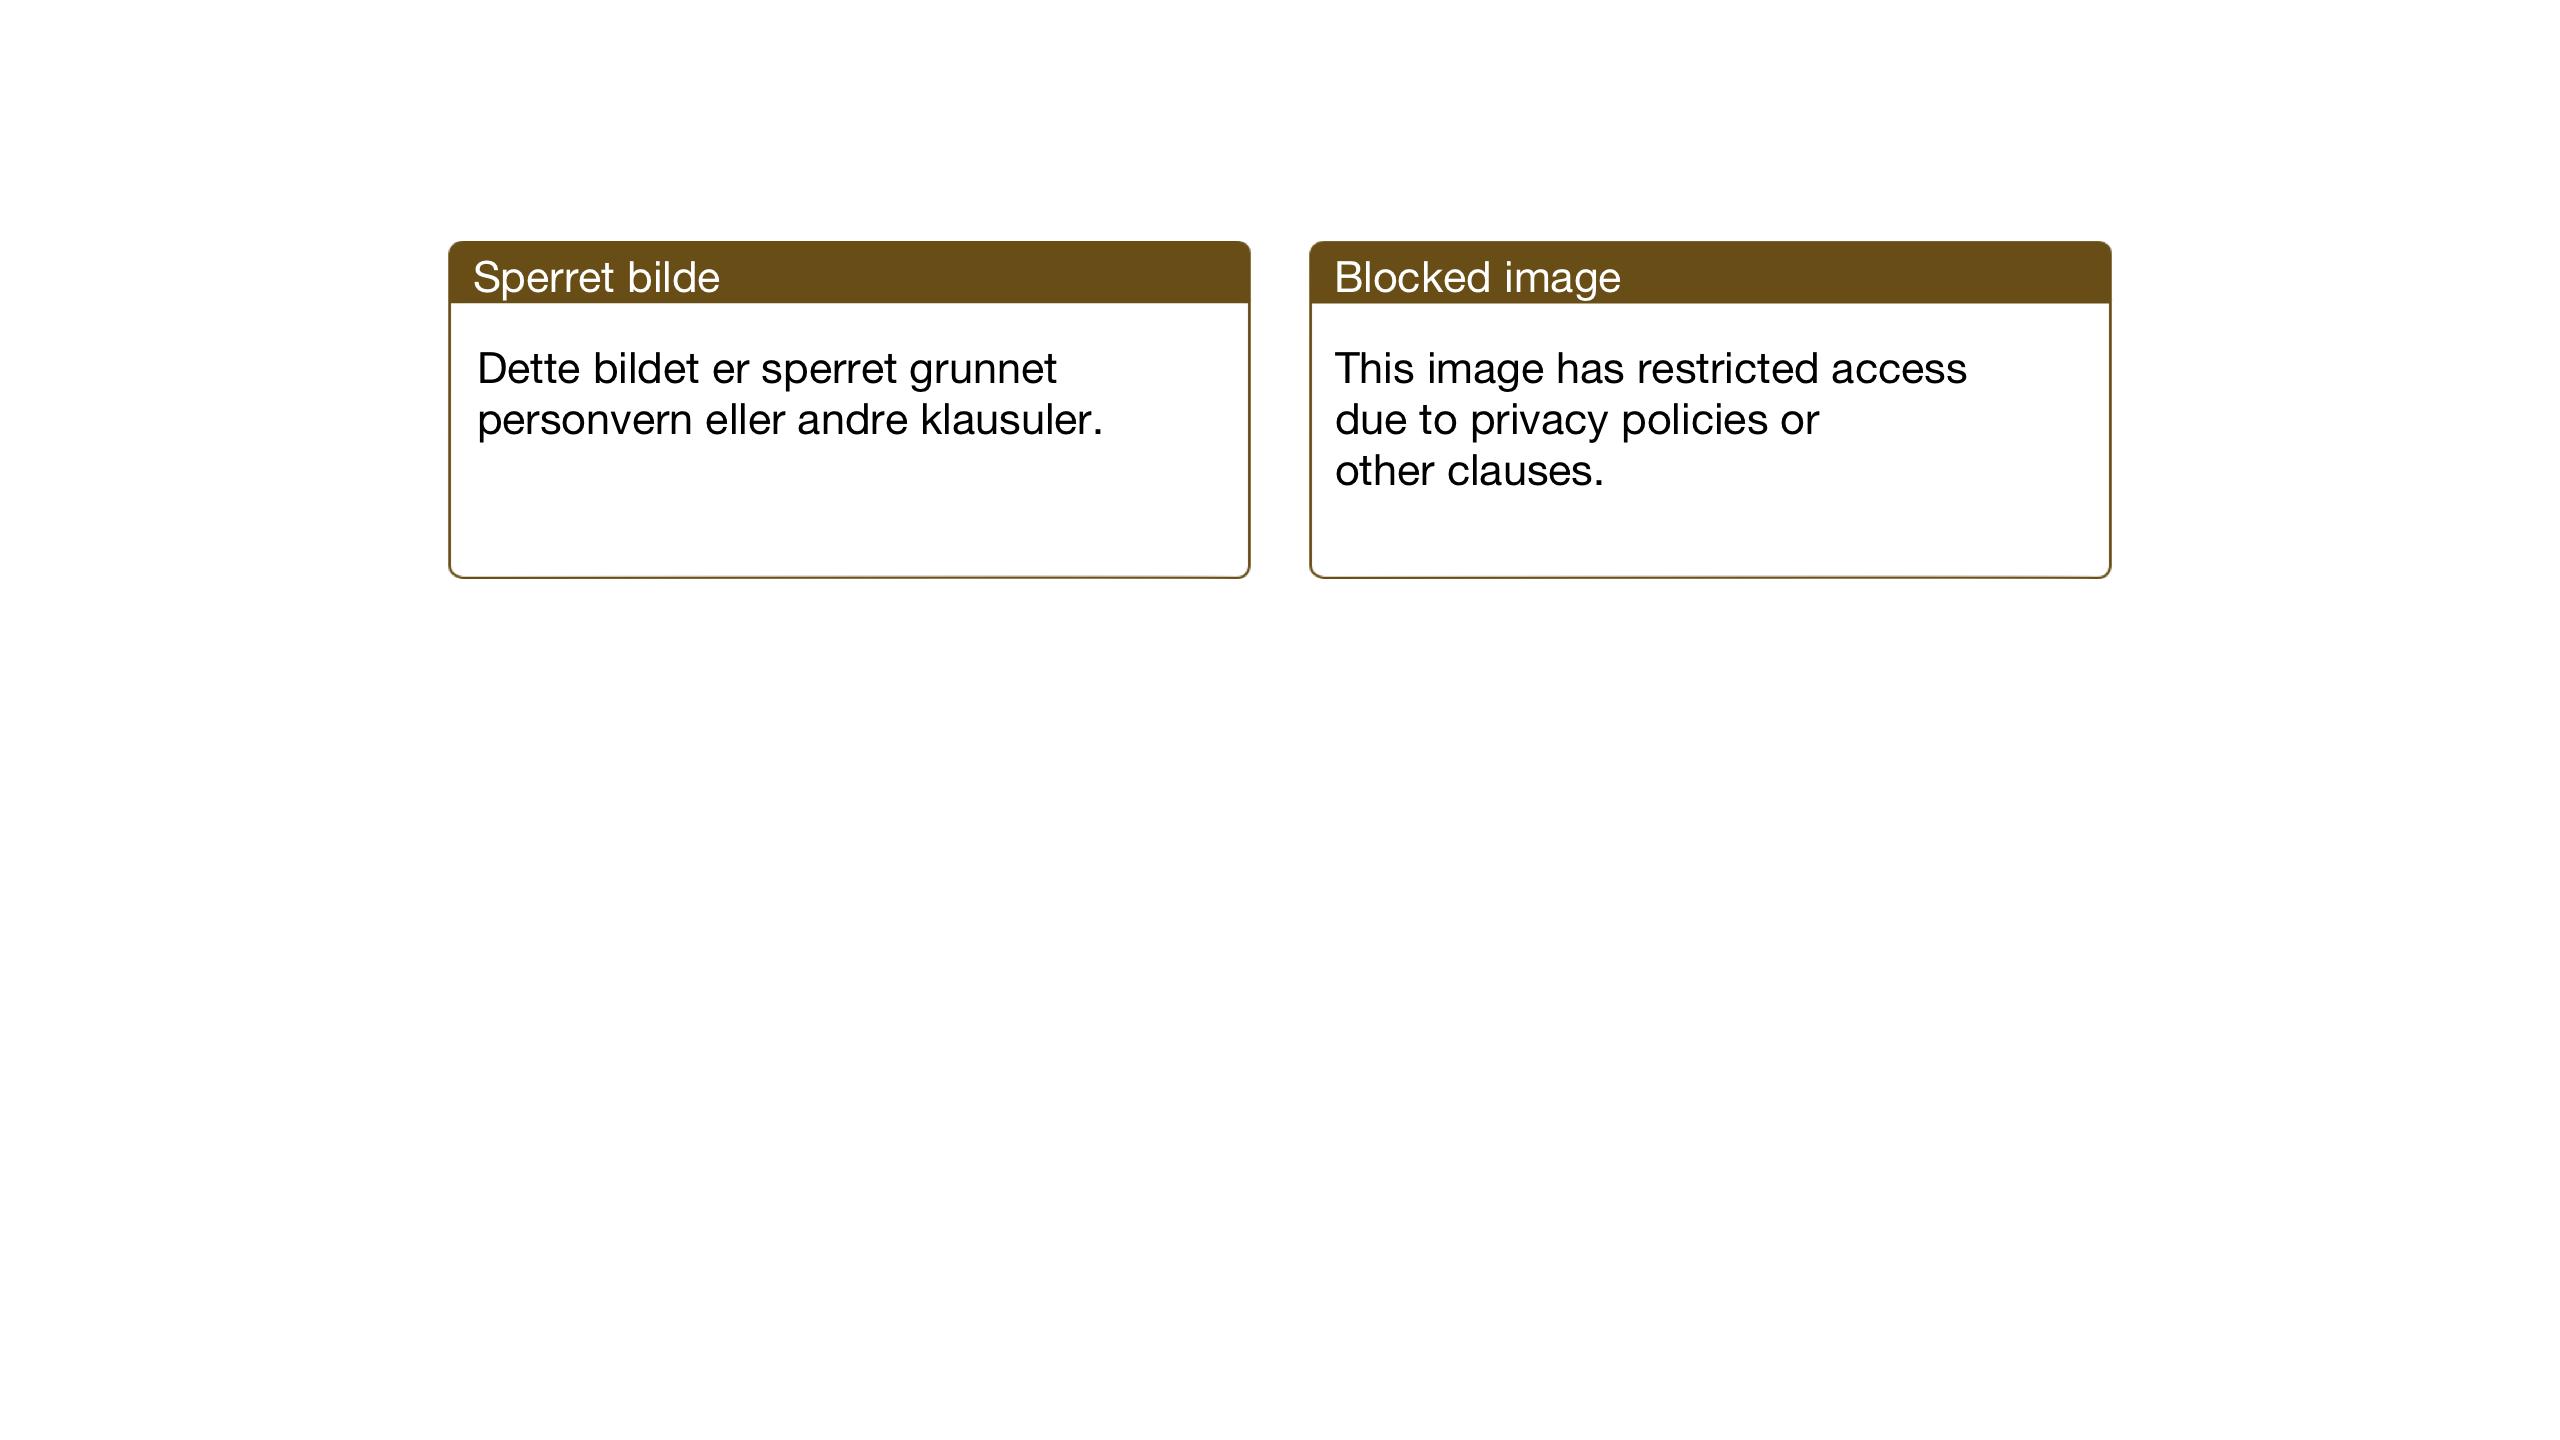 SAT, Ministerialprotokoller, klokkerbøker og fødselsregistre - Sør-Trøndelag, 670/L0837: Klokkerbok nr. 670C01, 1905-1946, s. 128-129